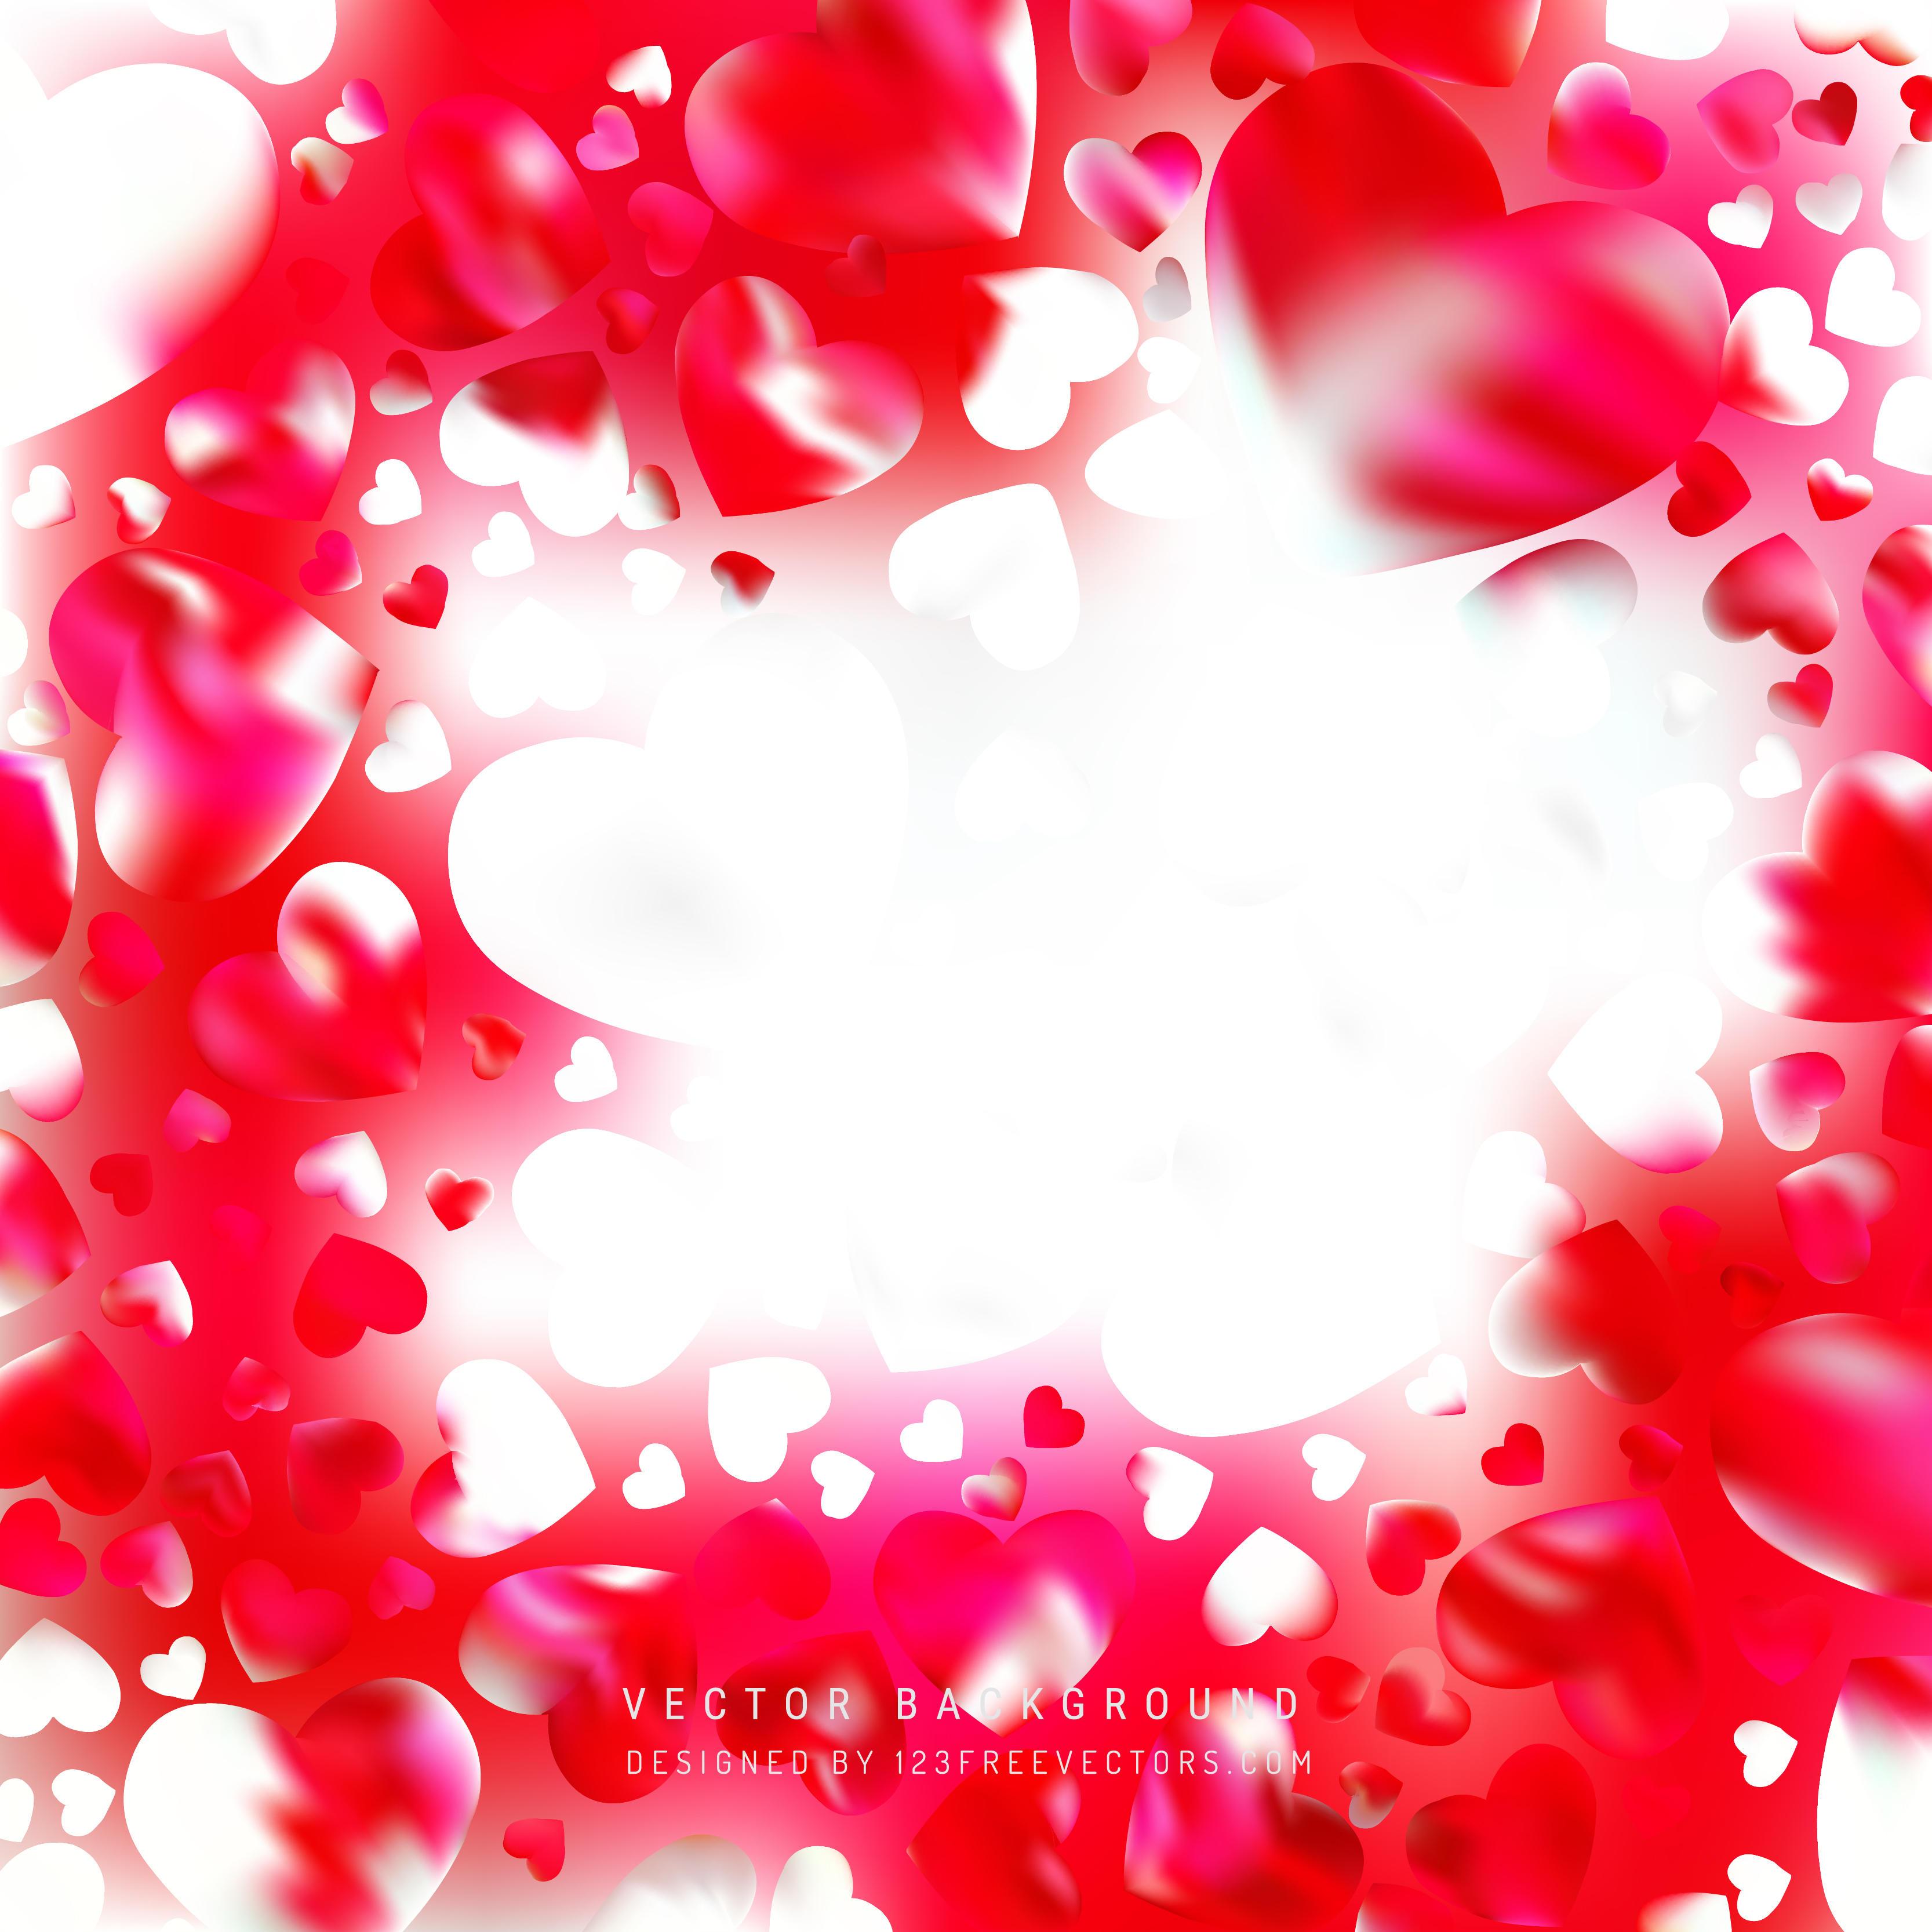 3333x3333 Red Heart Background Vectors Download Free Vector Art